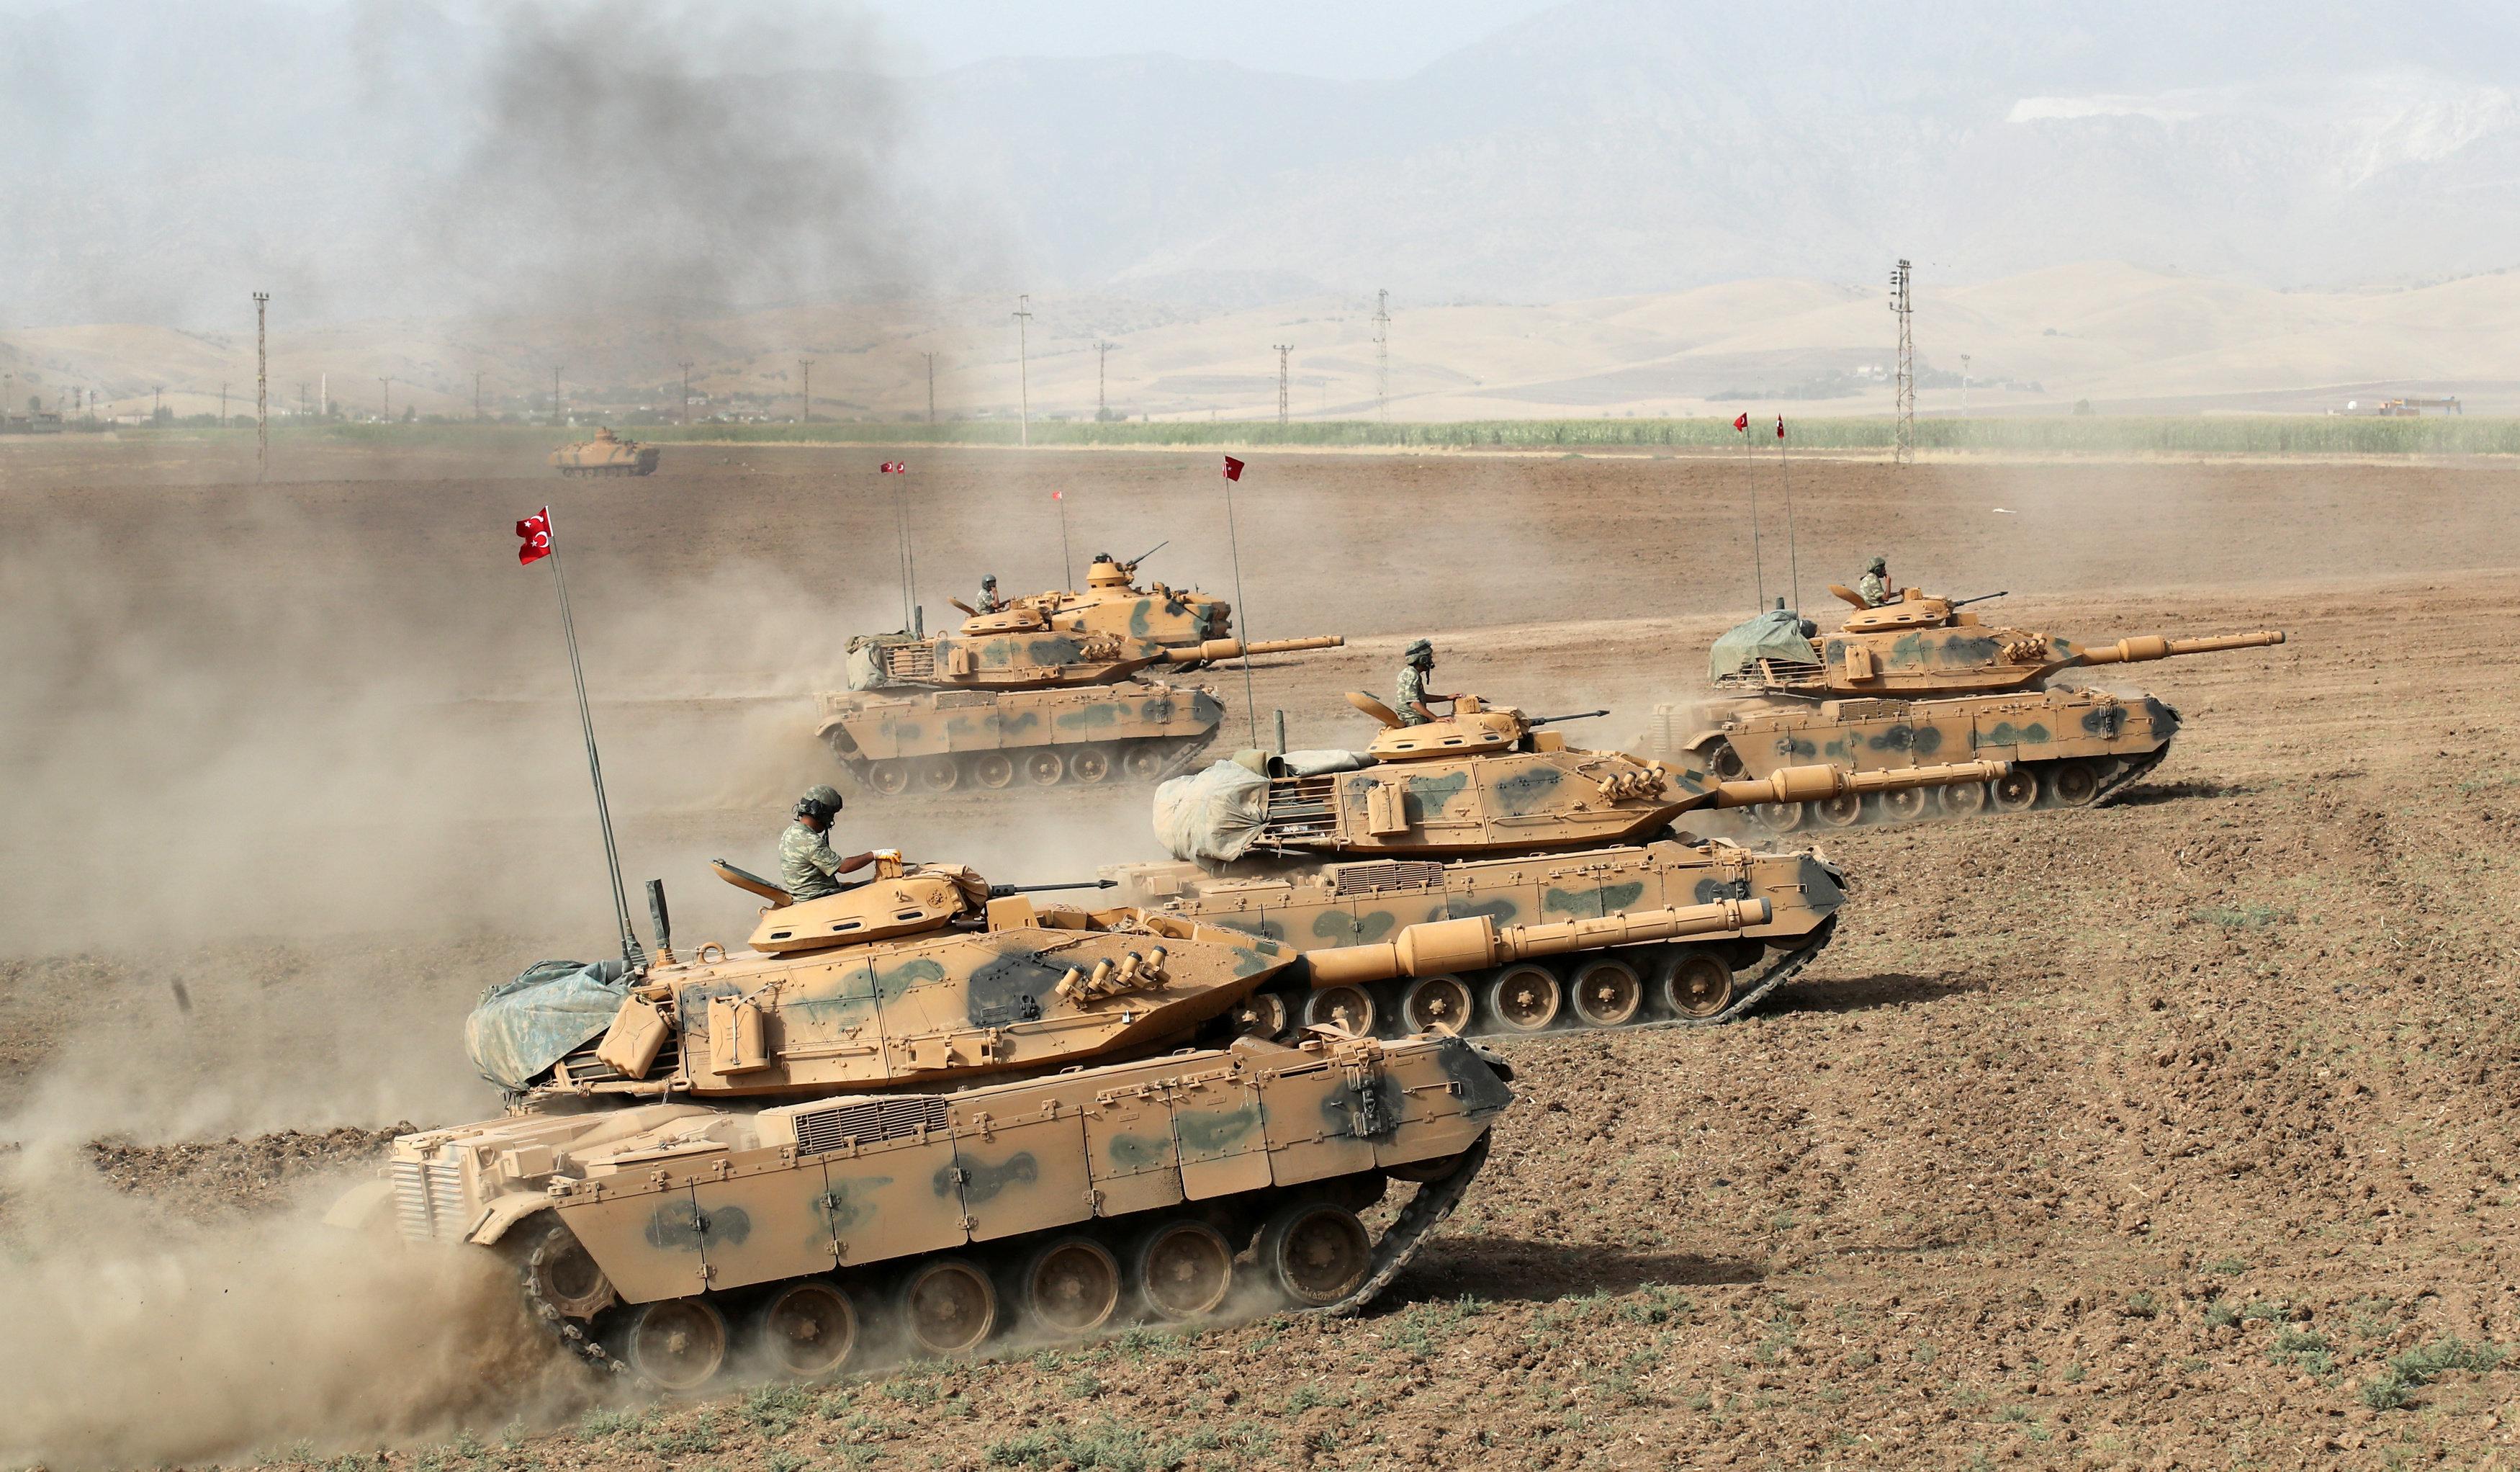 Αύξηση των αμυντικών δαπανών σε παγκόσμιο επίπεδο. 900δισεκ ευρώ το 2017 από τις χώρες του ΝΑΤΟ, μείωση 20% για